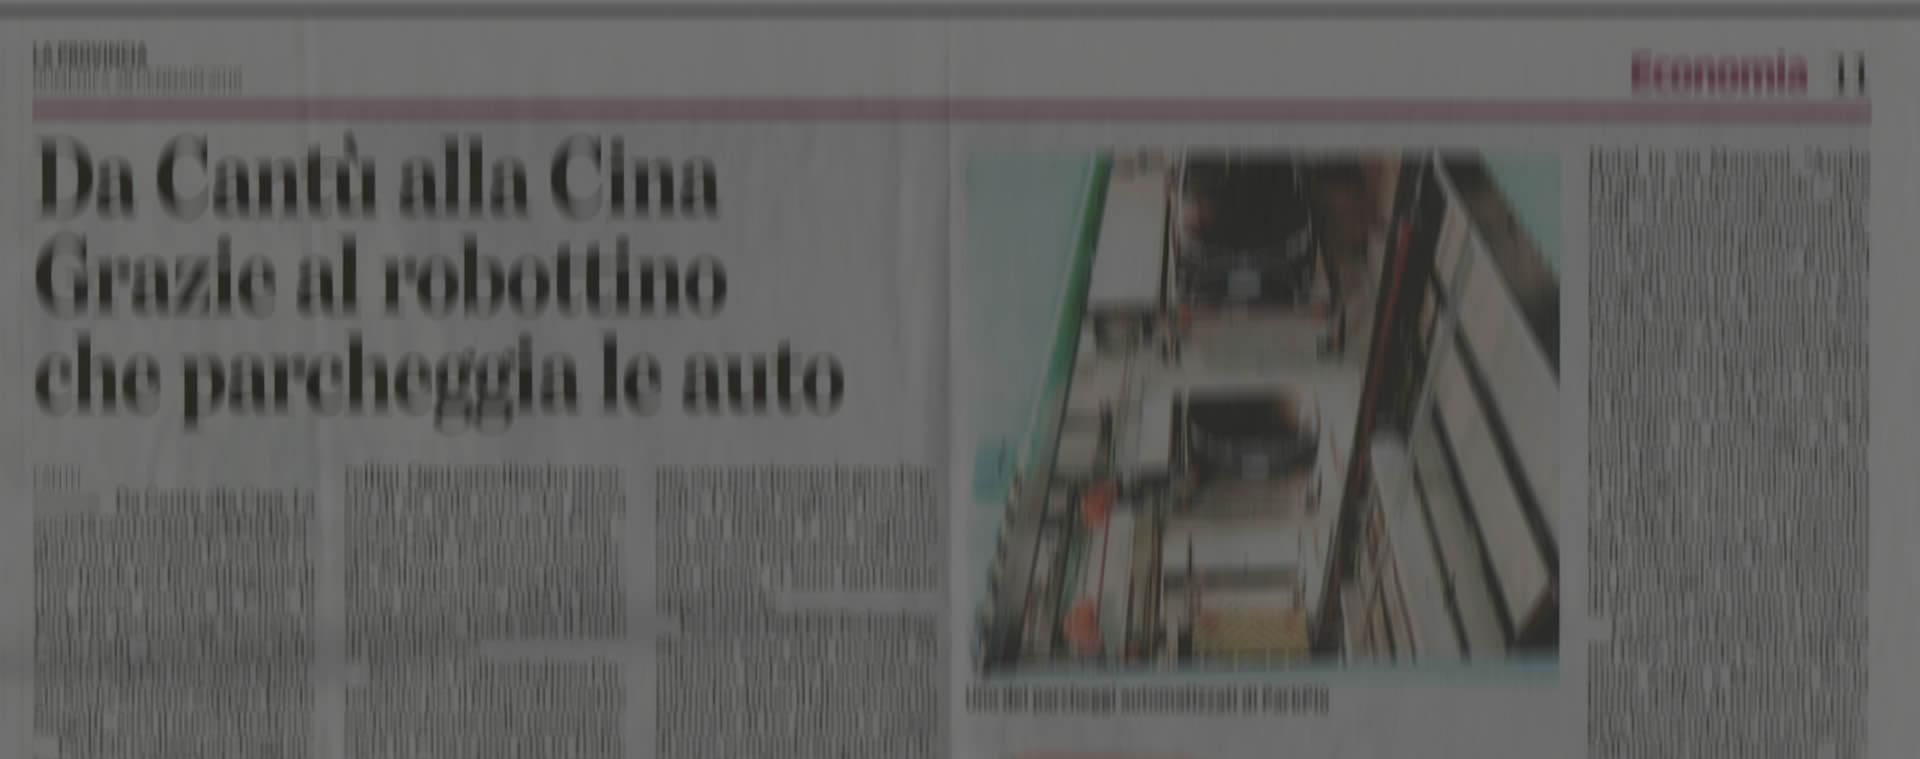 La Provincia: de Cantù a China gracias al robot que se aparca solo